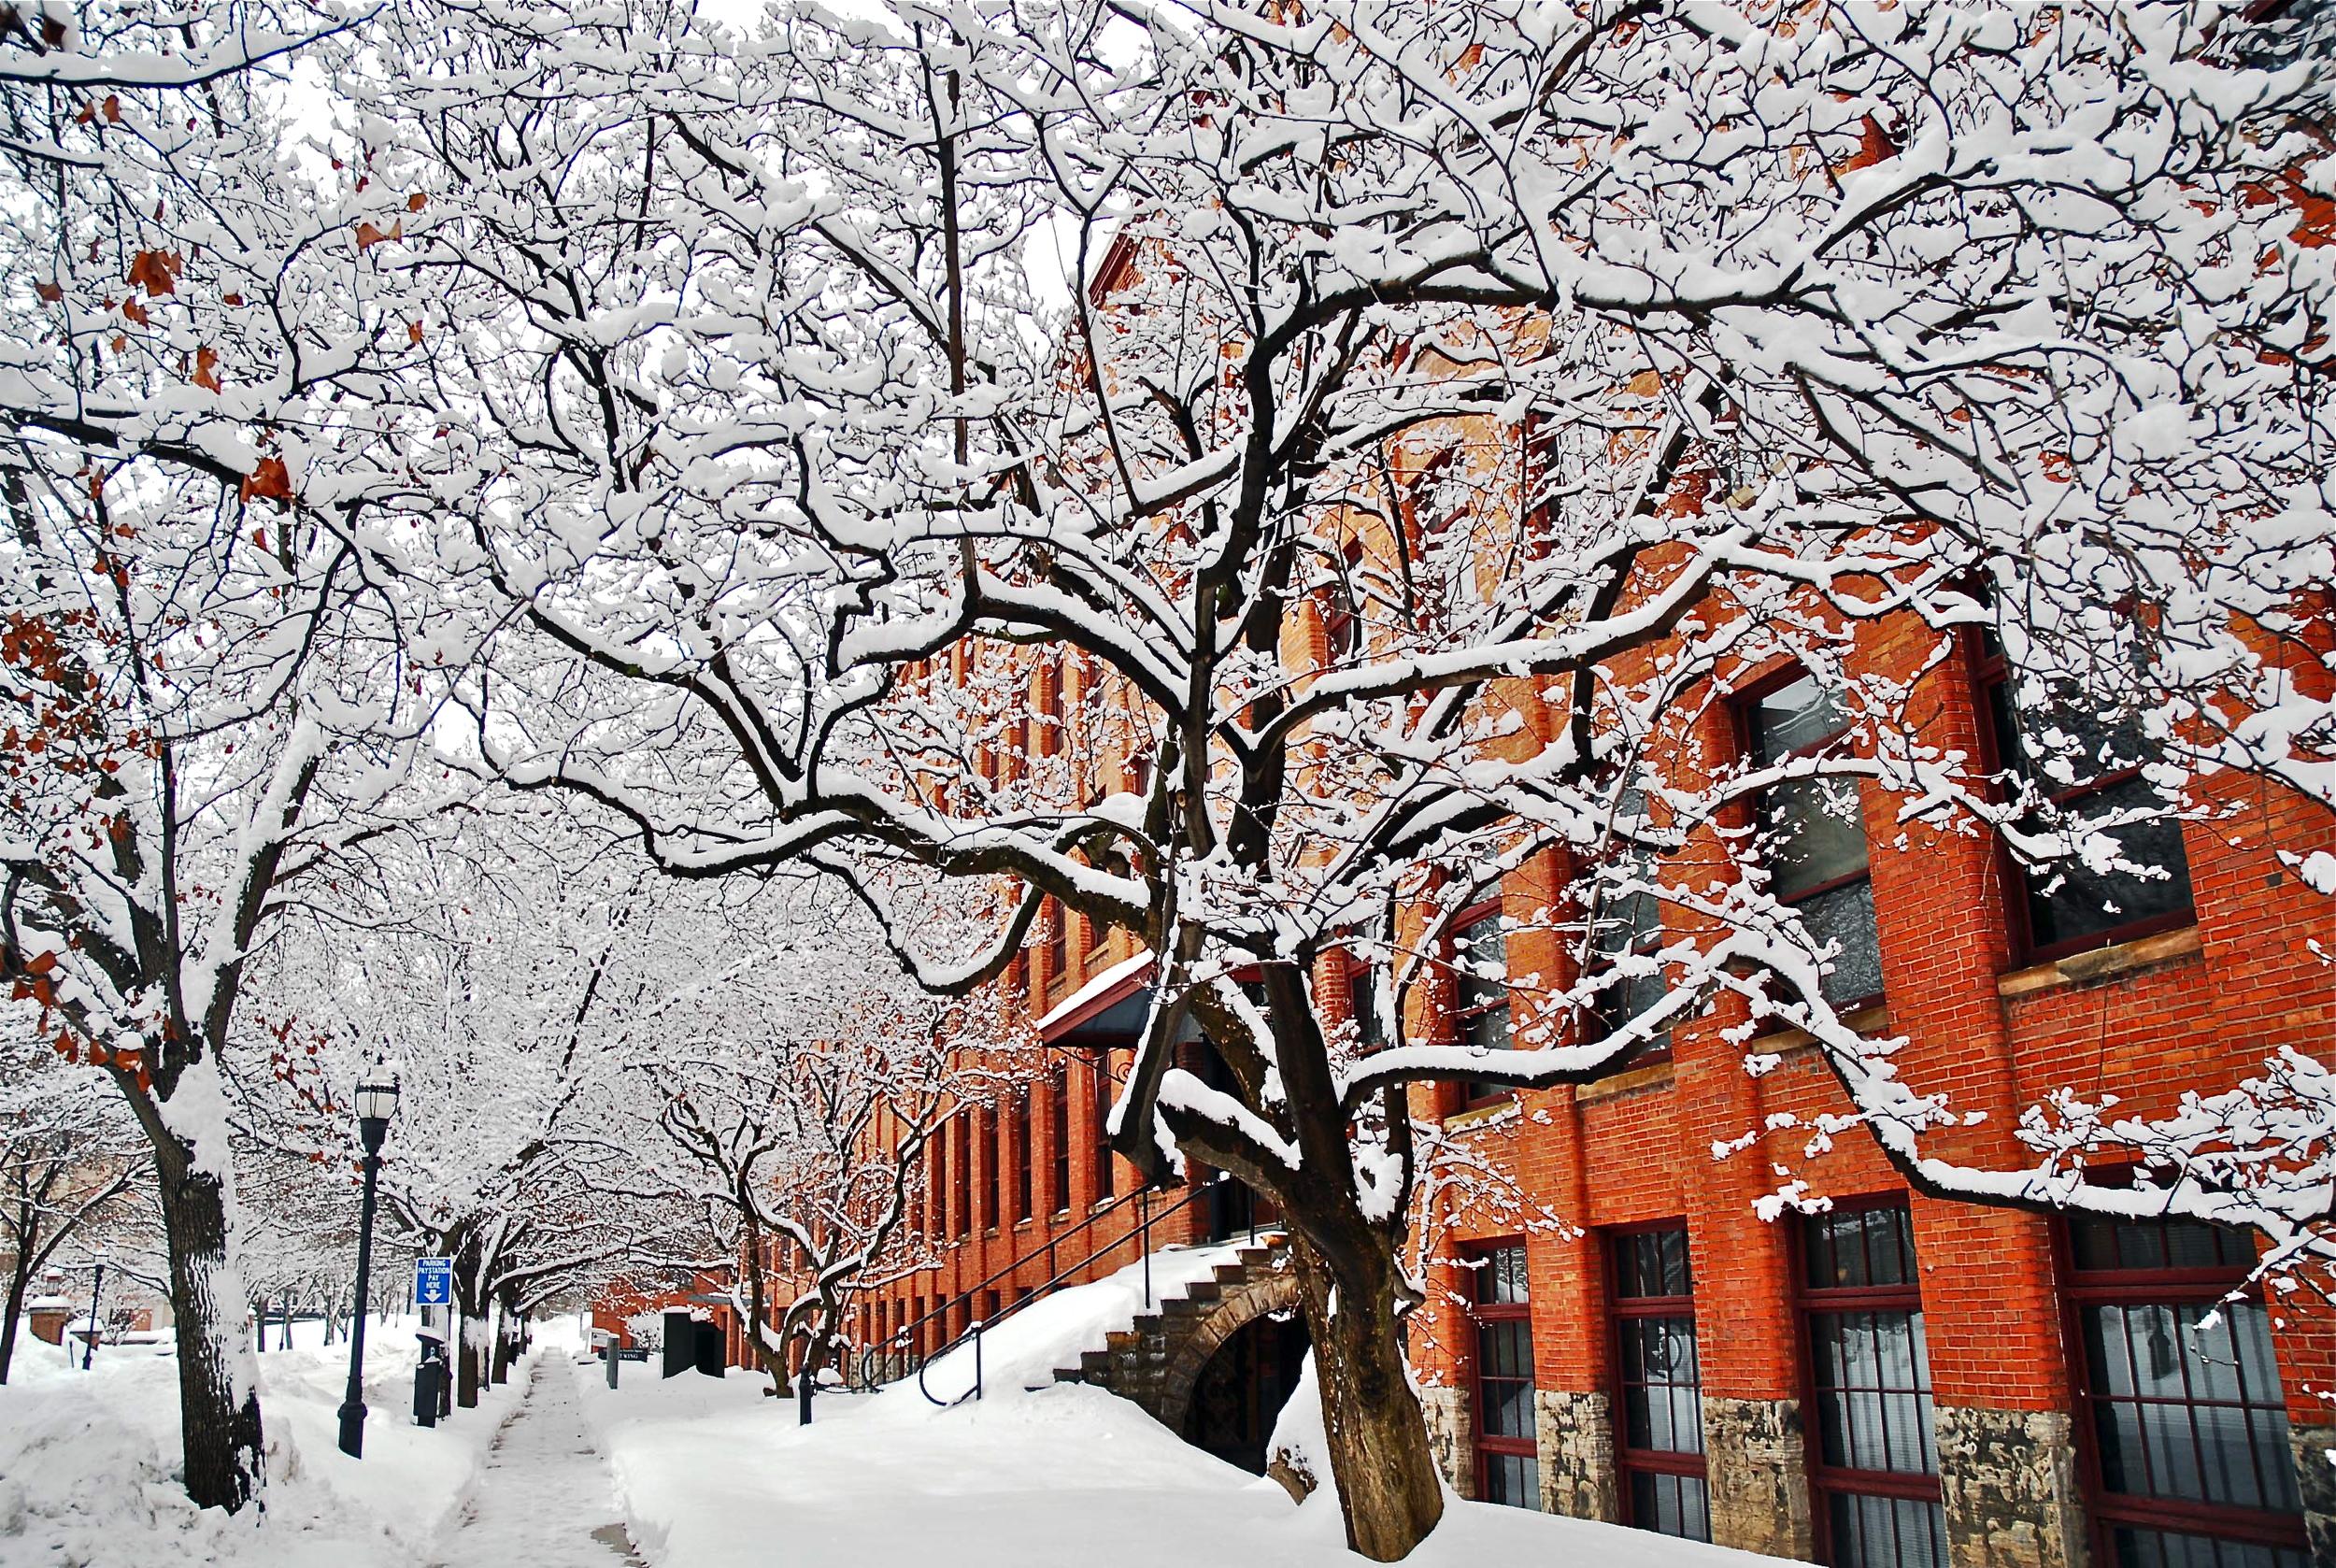 Plume Street, Syracuse, NY by Ray Trudell.